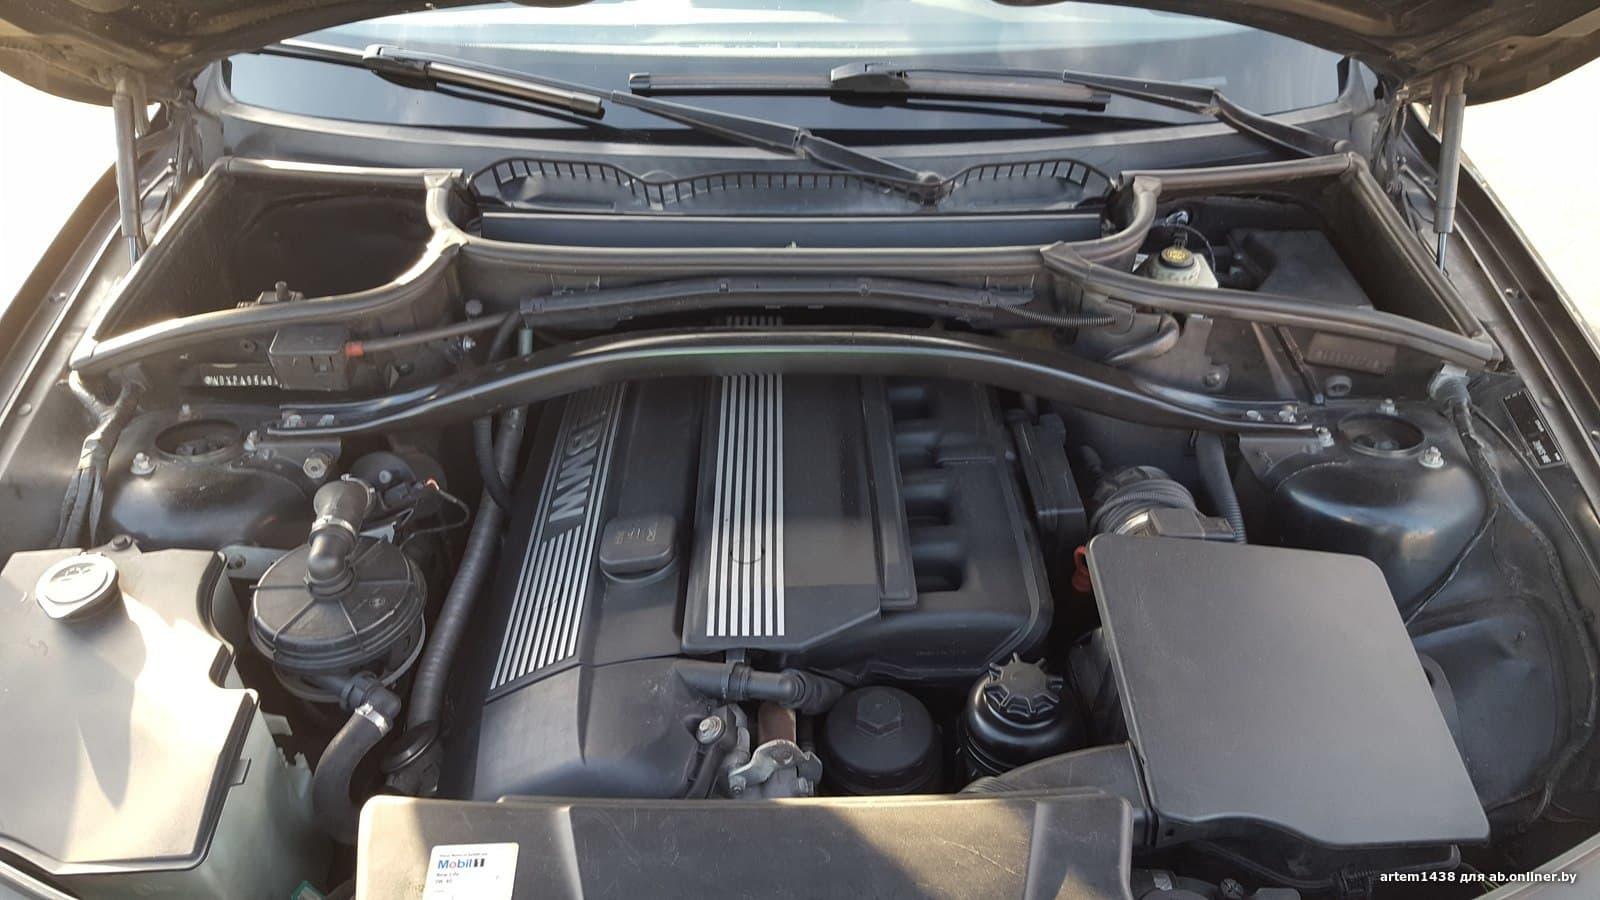 BMW X3 Schwartz